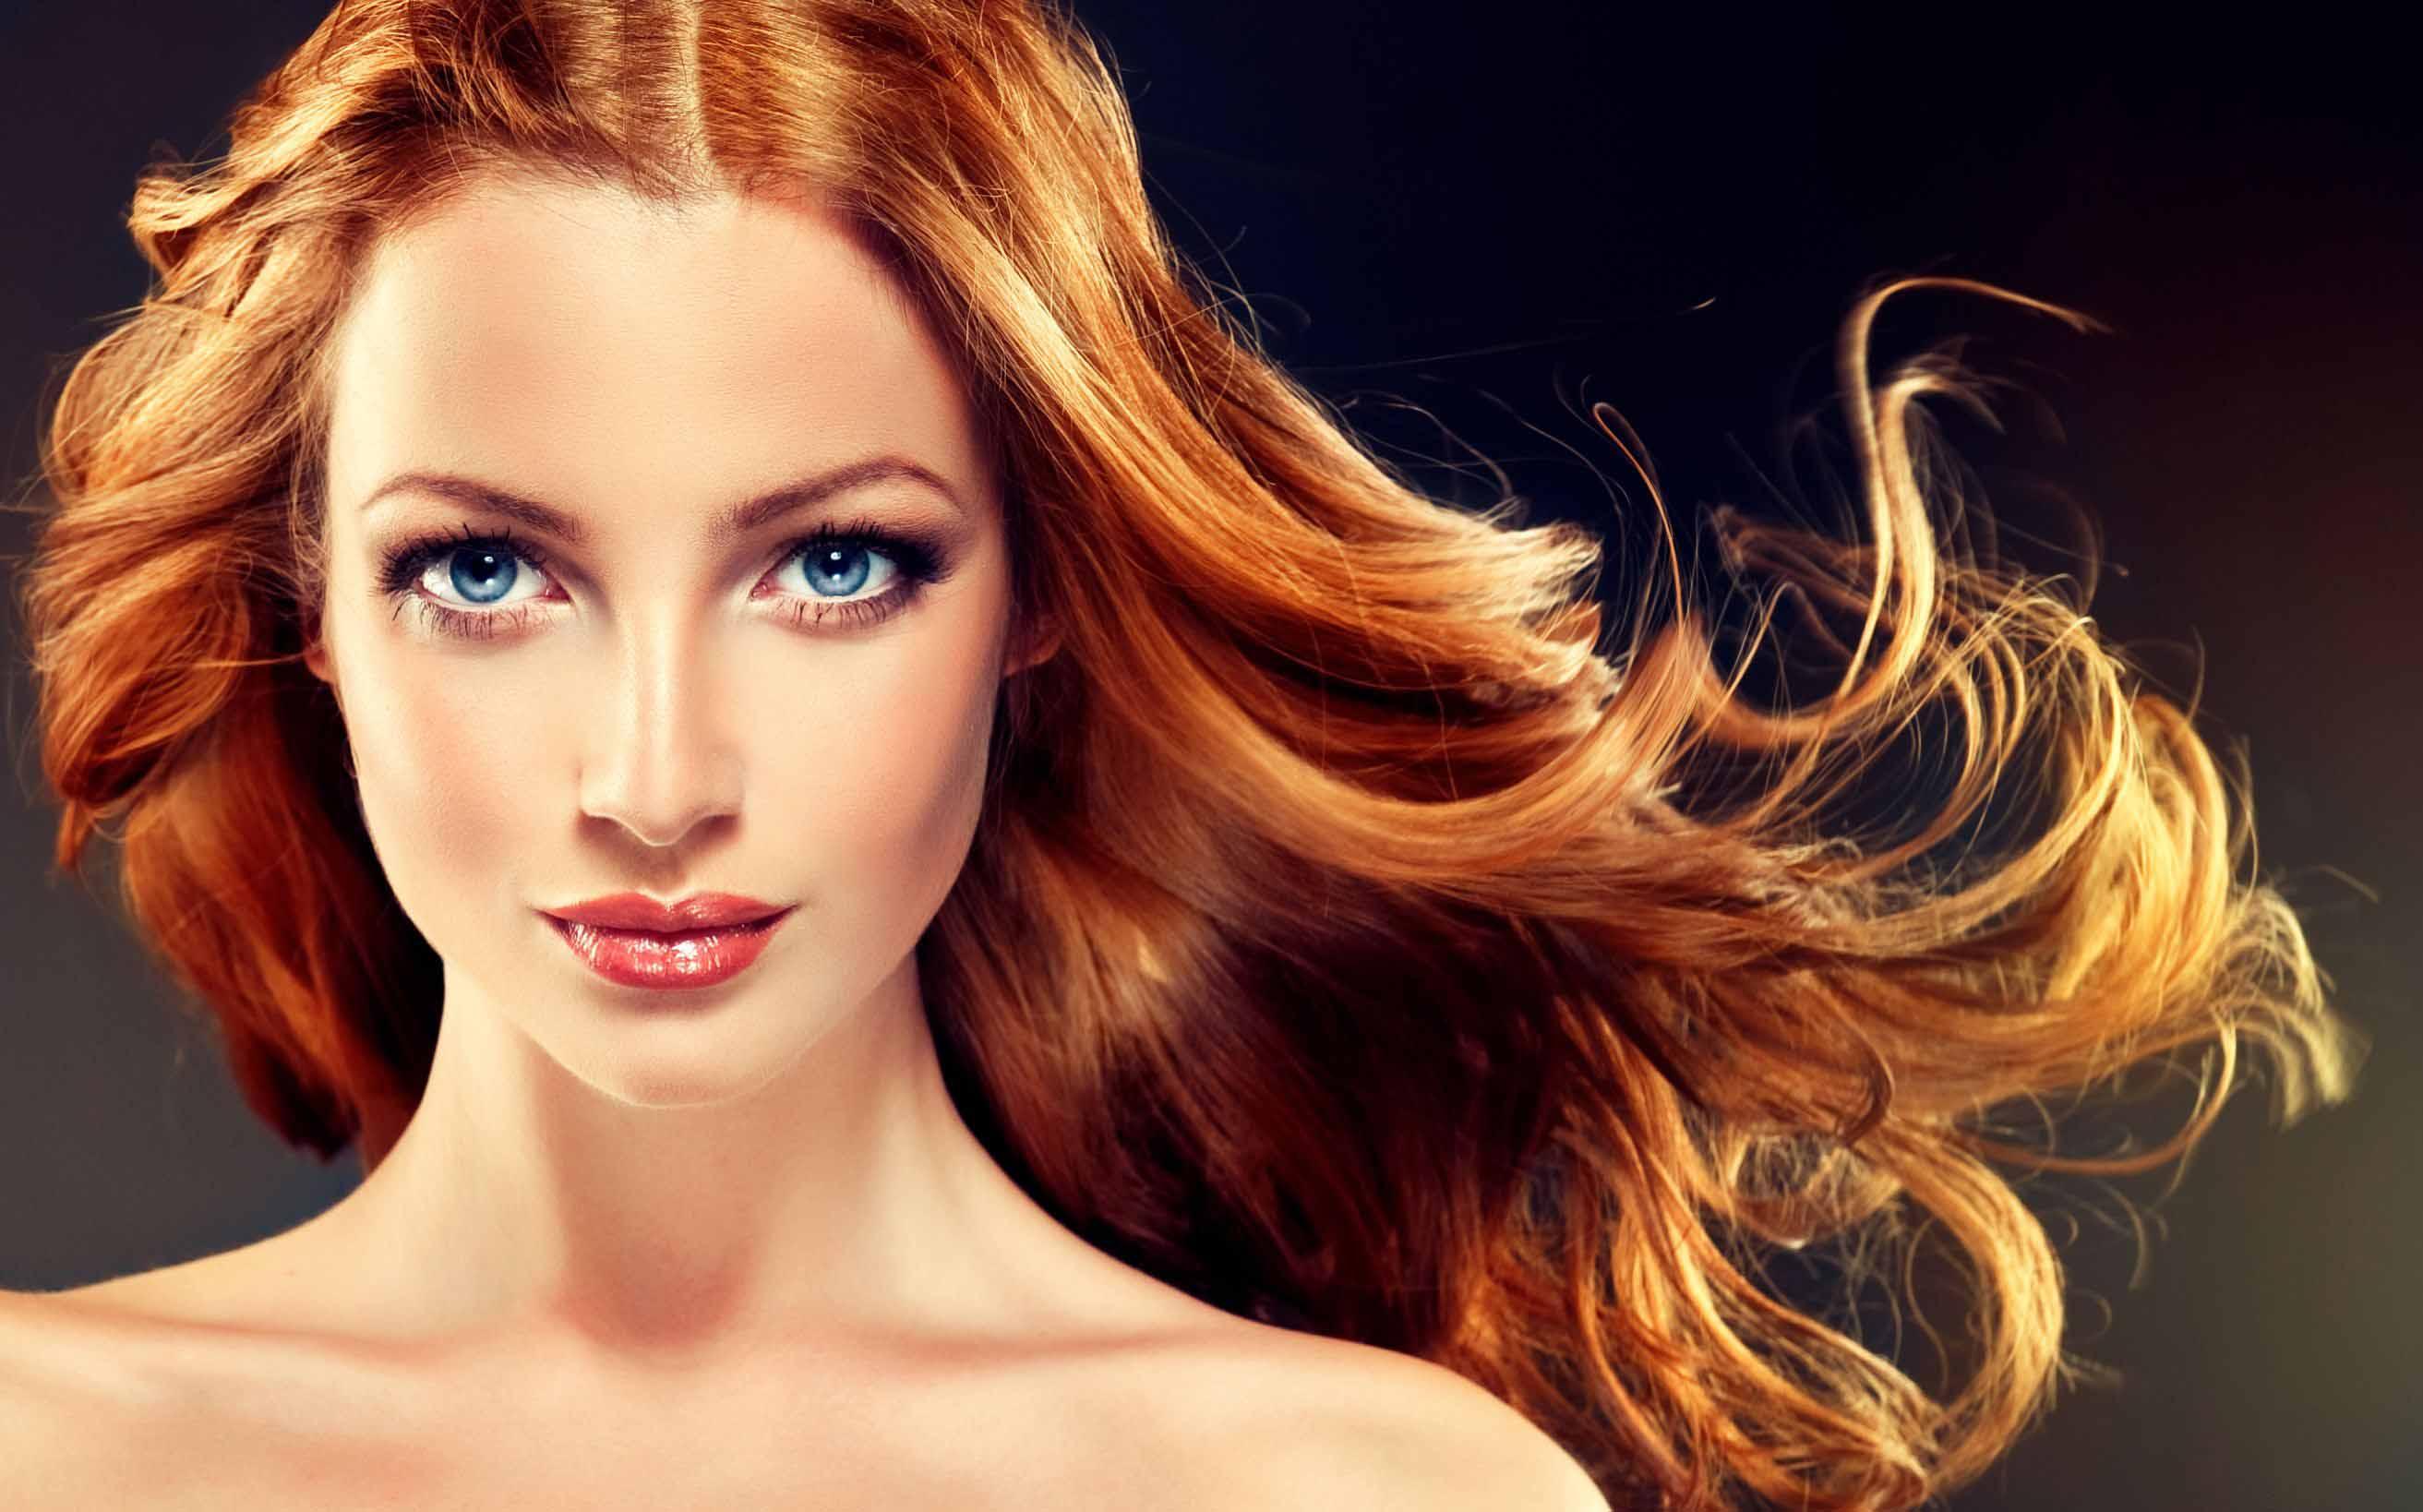 capelli-lunghi-primavera-zephir-parrucchieri-ascona-muralto